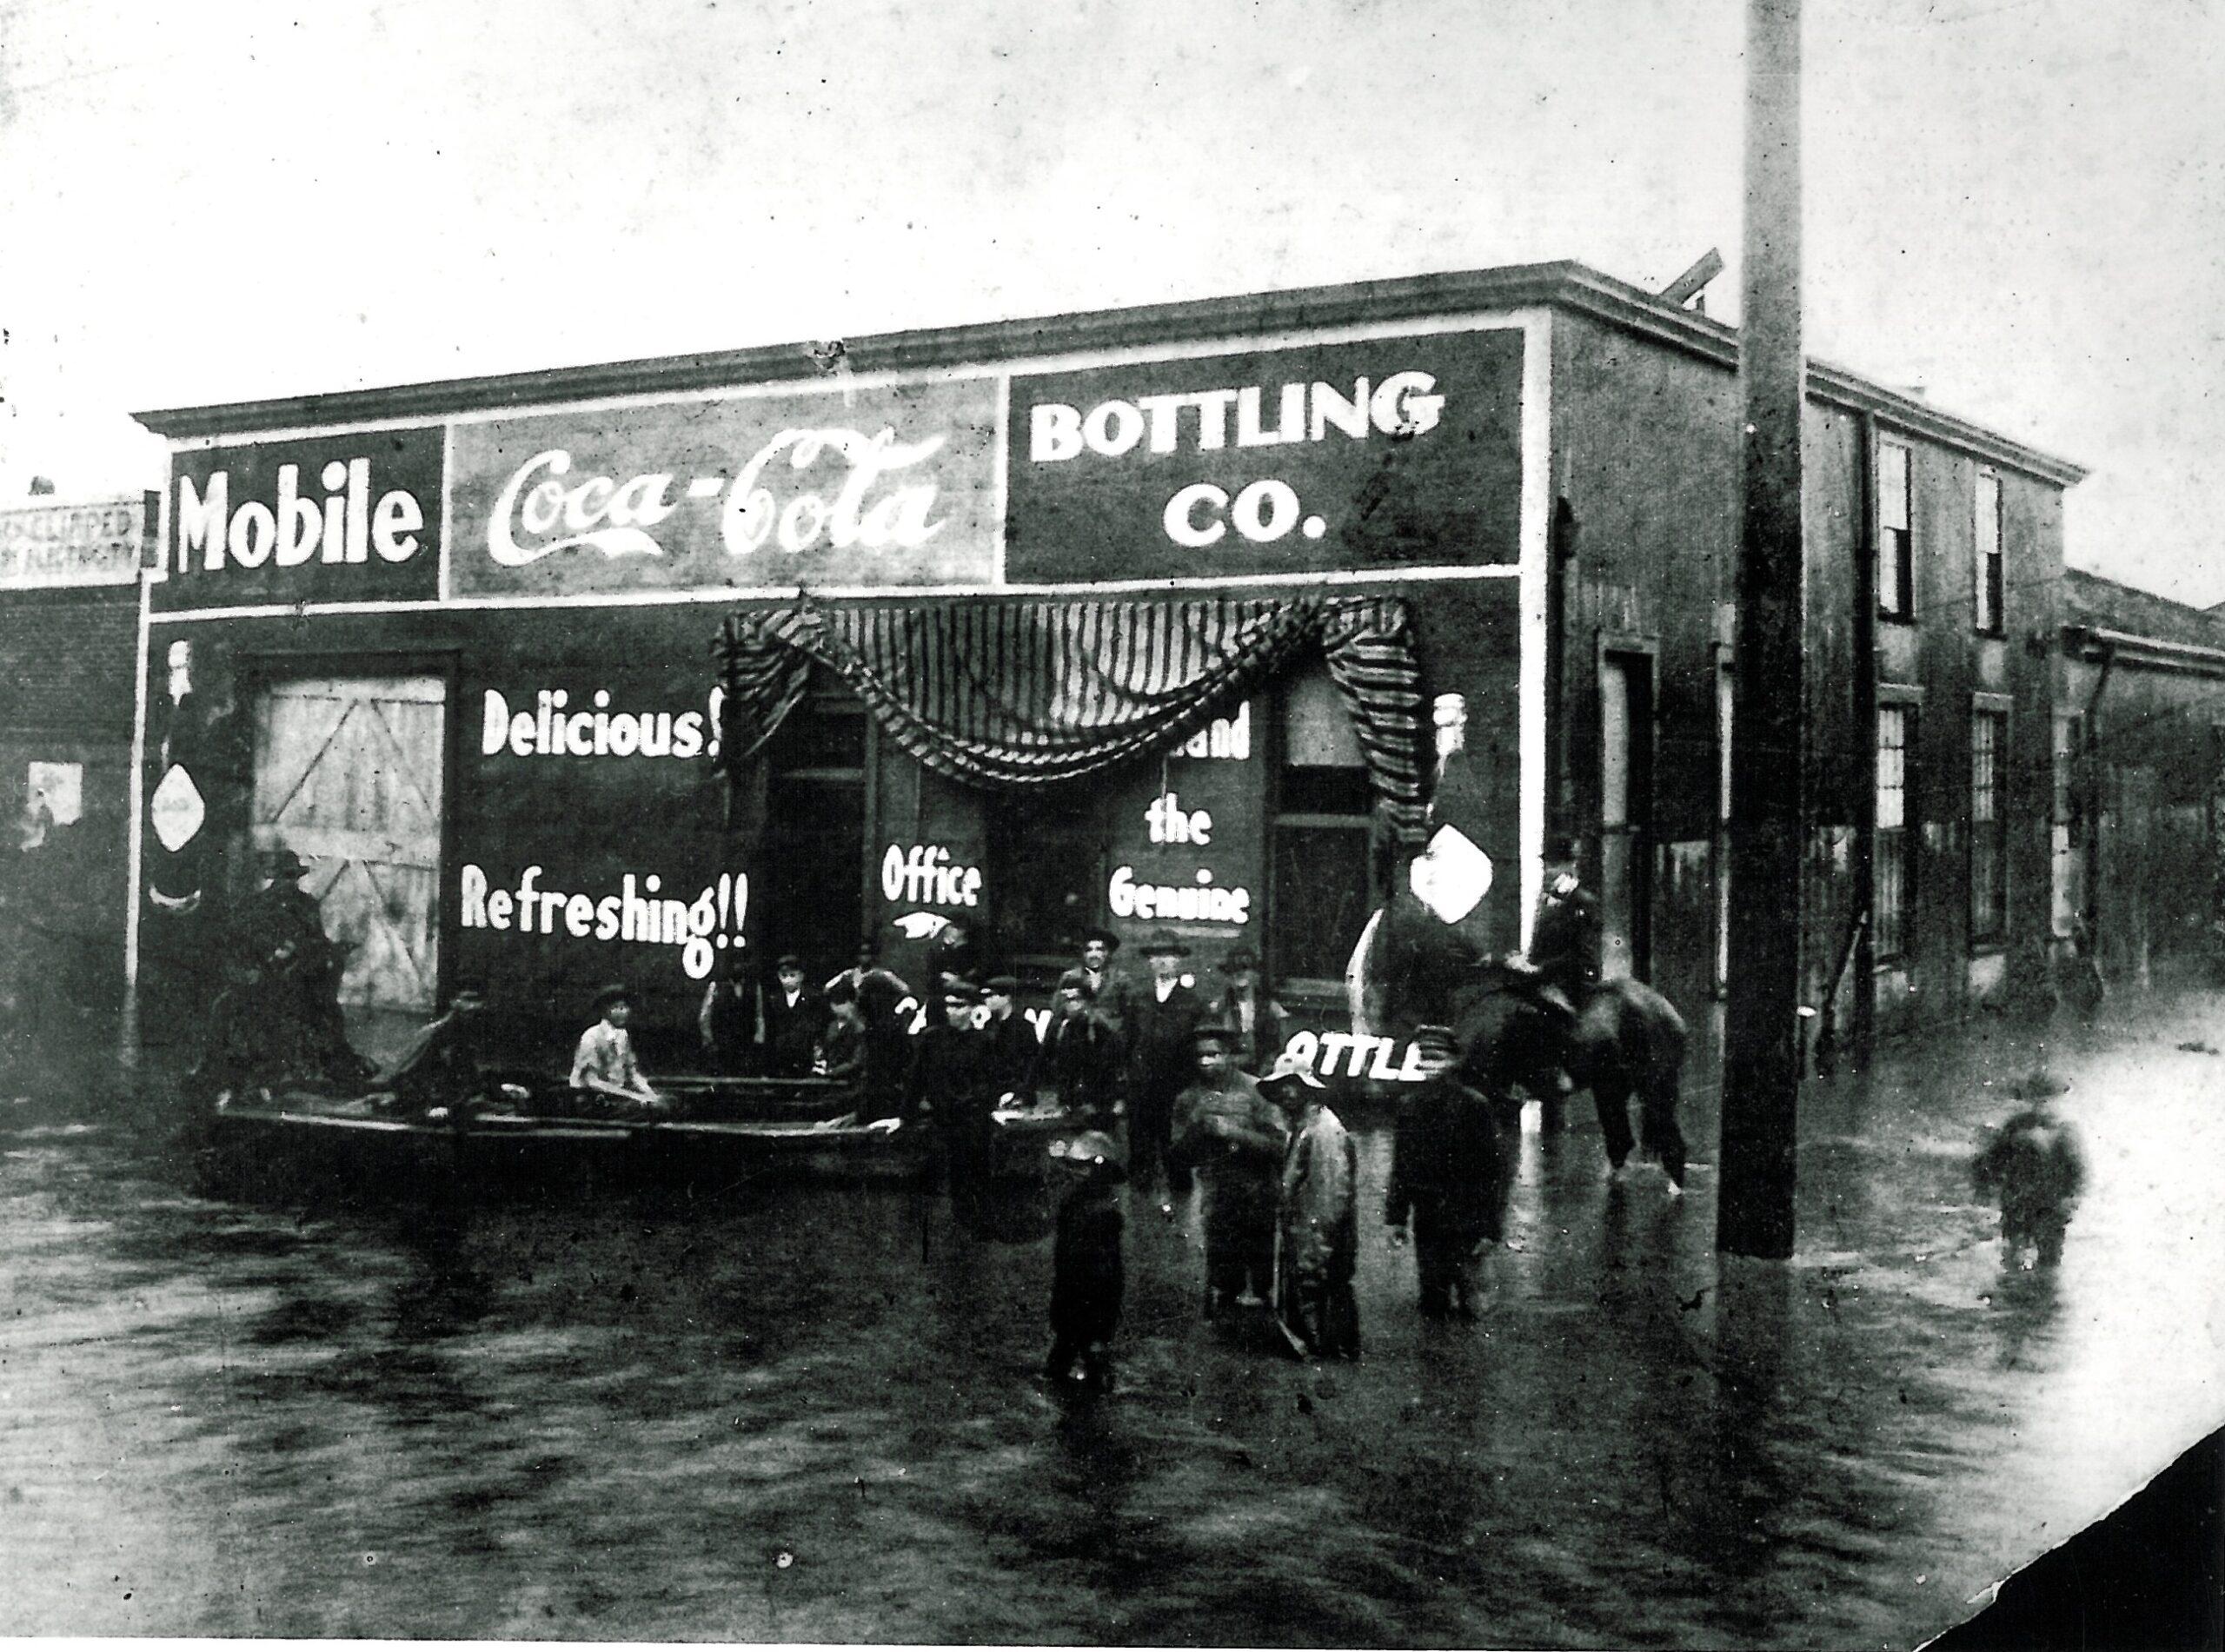 Hurricane Floods Coca-Cola Facility